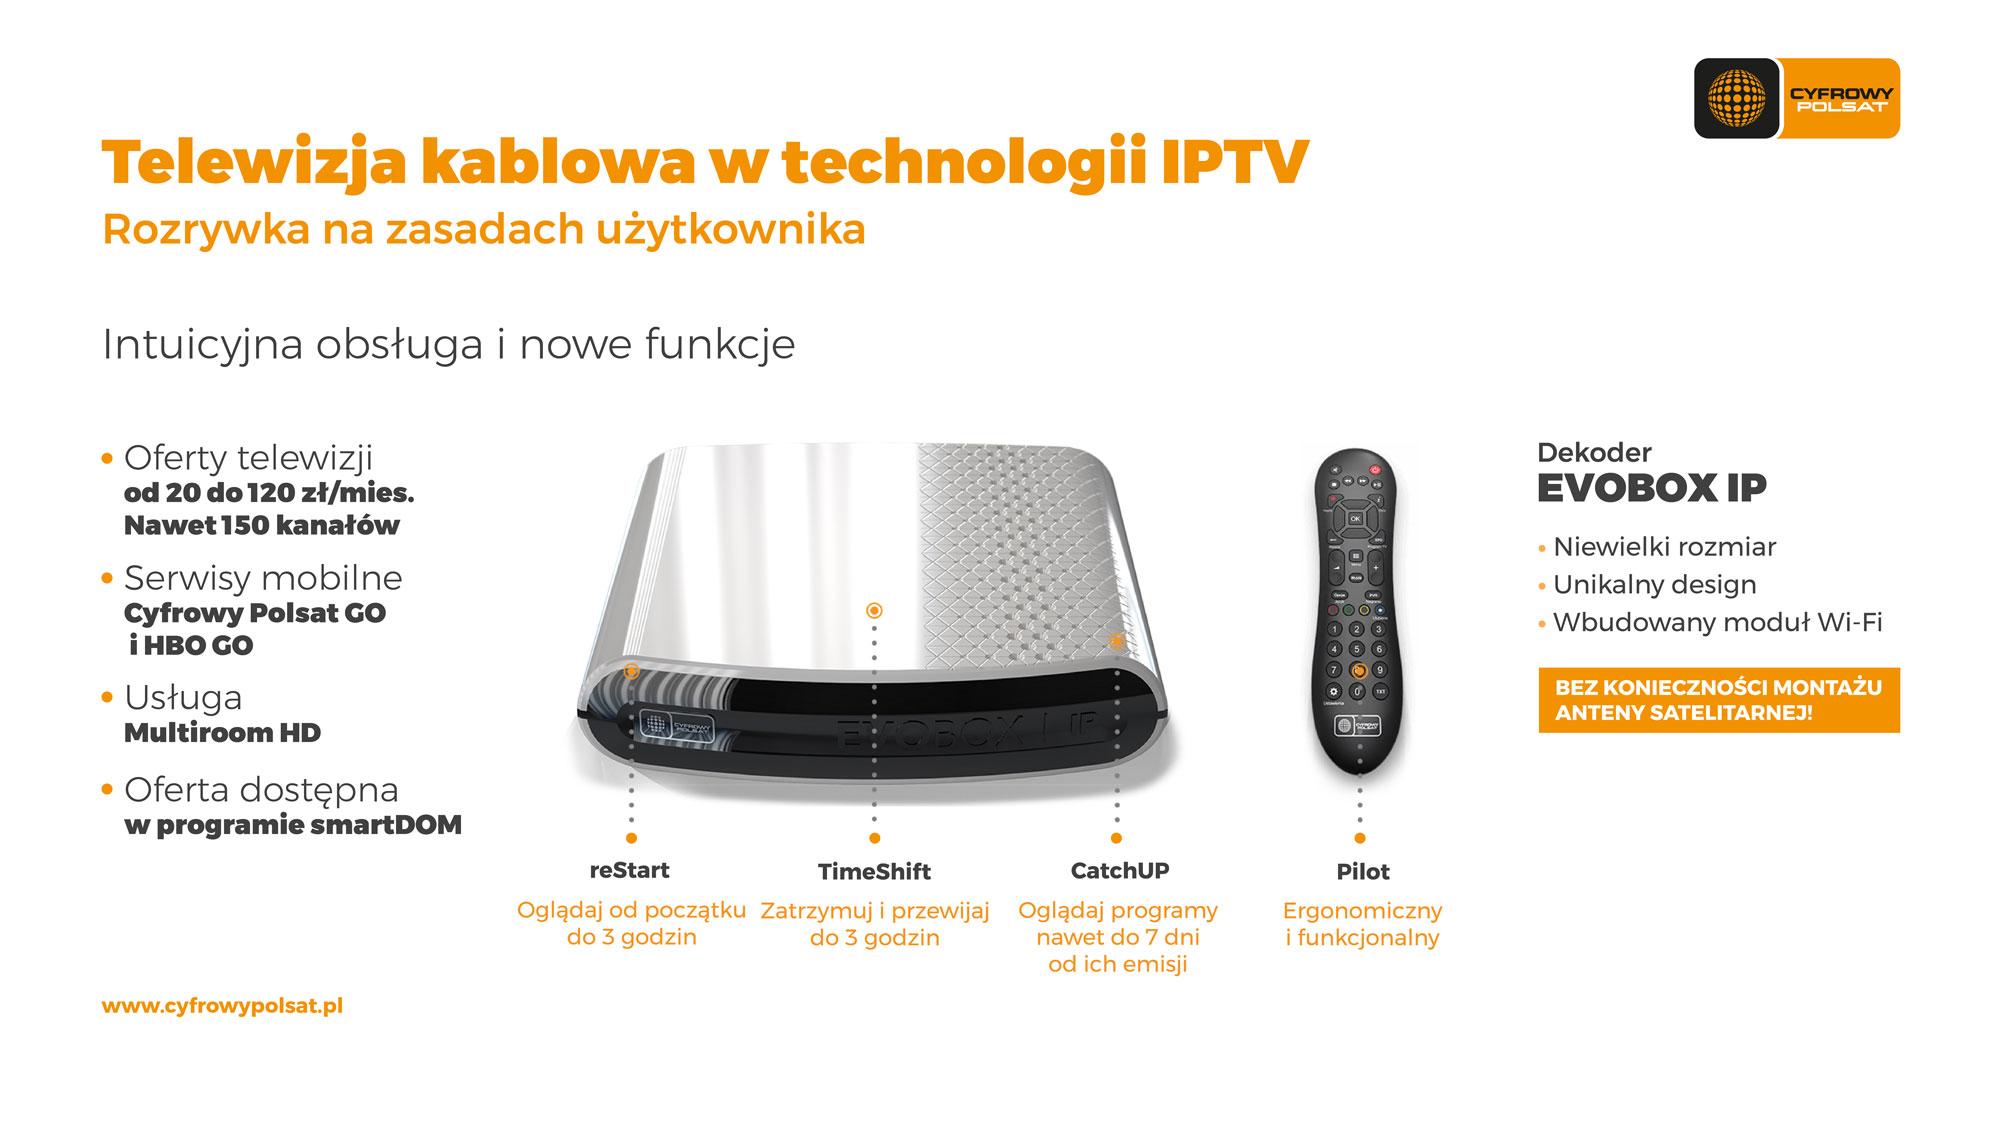 Telewizja Na Karte Polsat.Cyfrowy Polsat Wprowadza Dekoder Iptv Z Pełną Ofertą Który Będzie